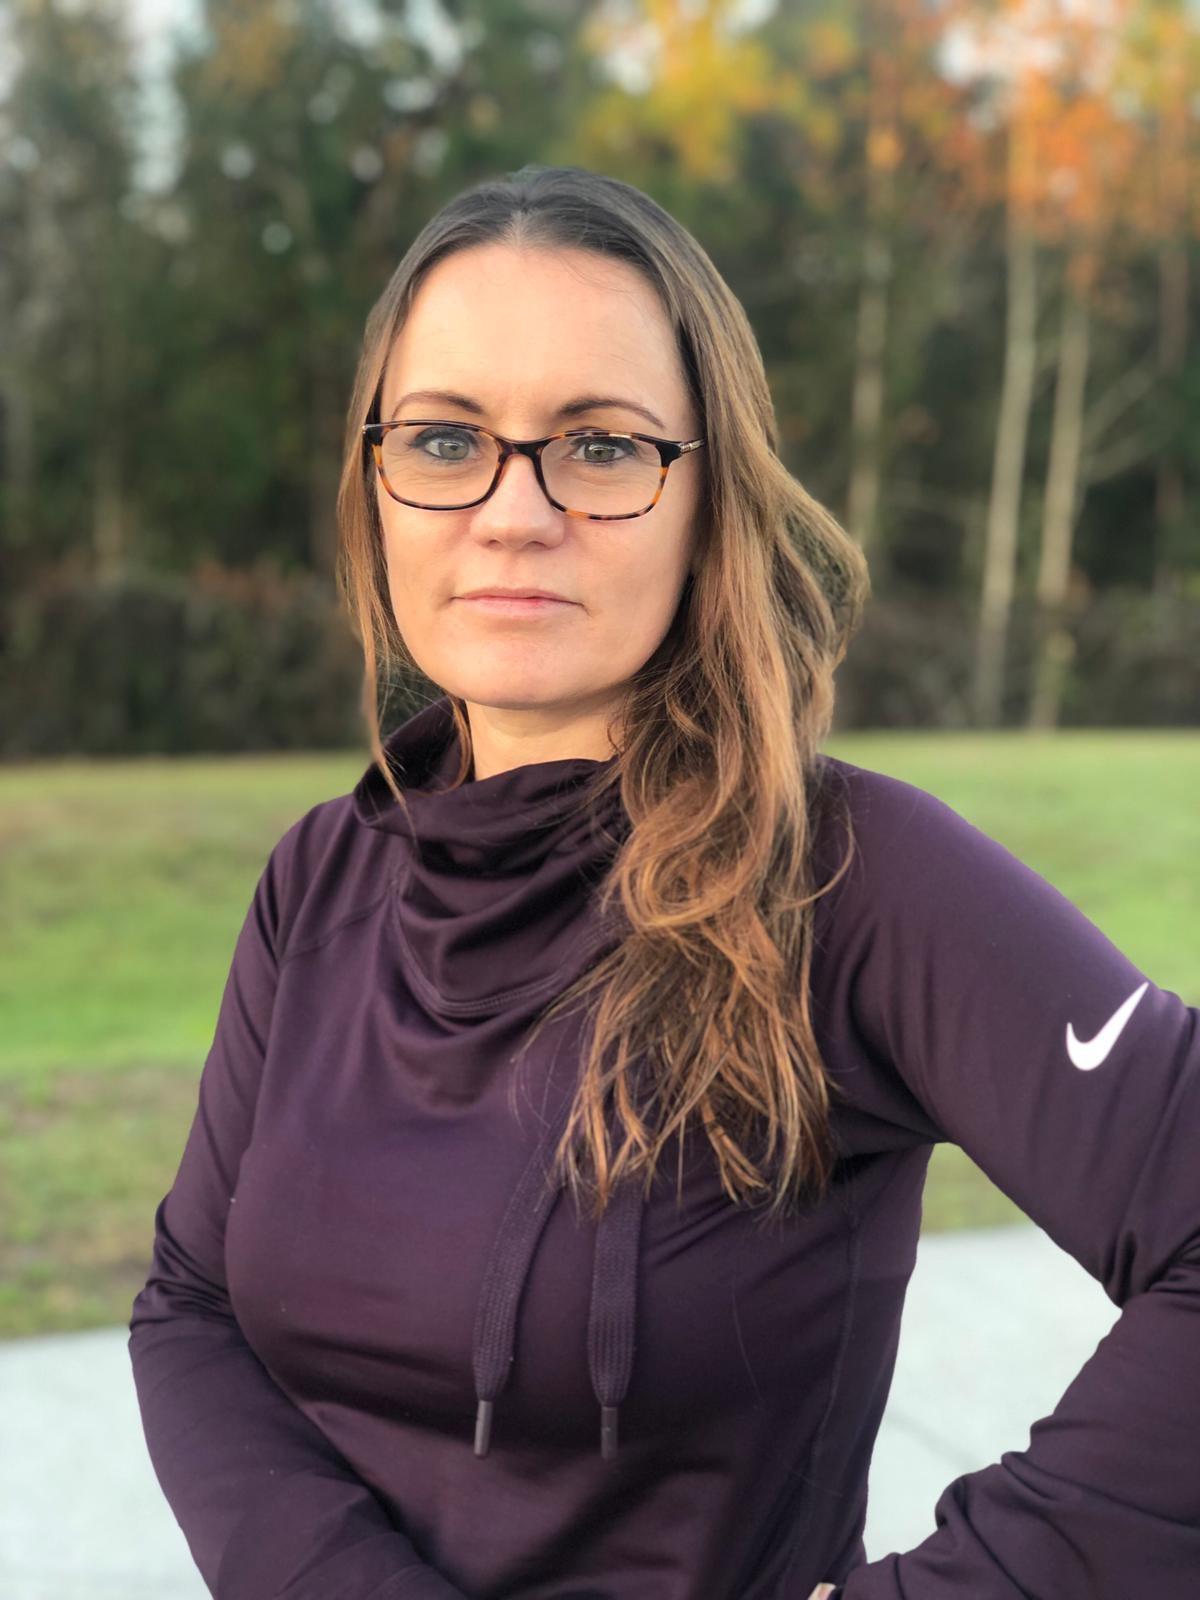 Samantha Byron